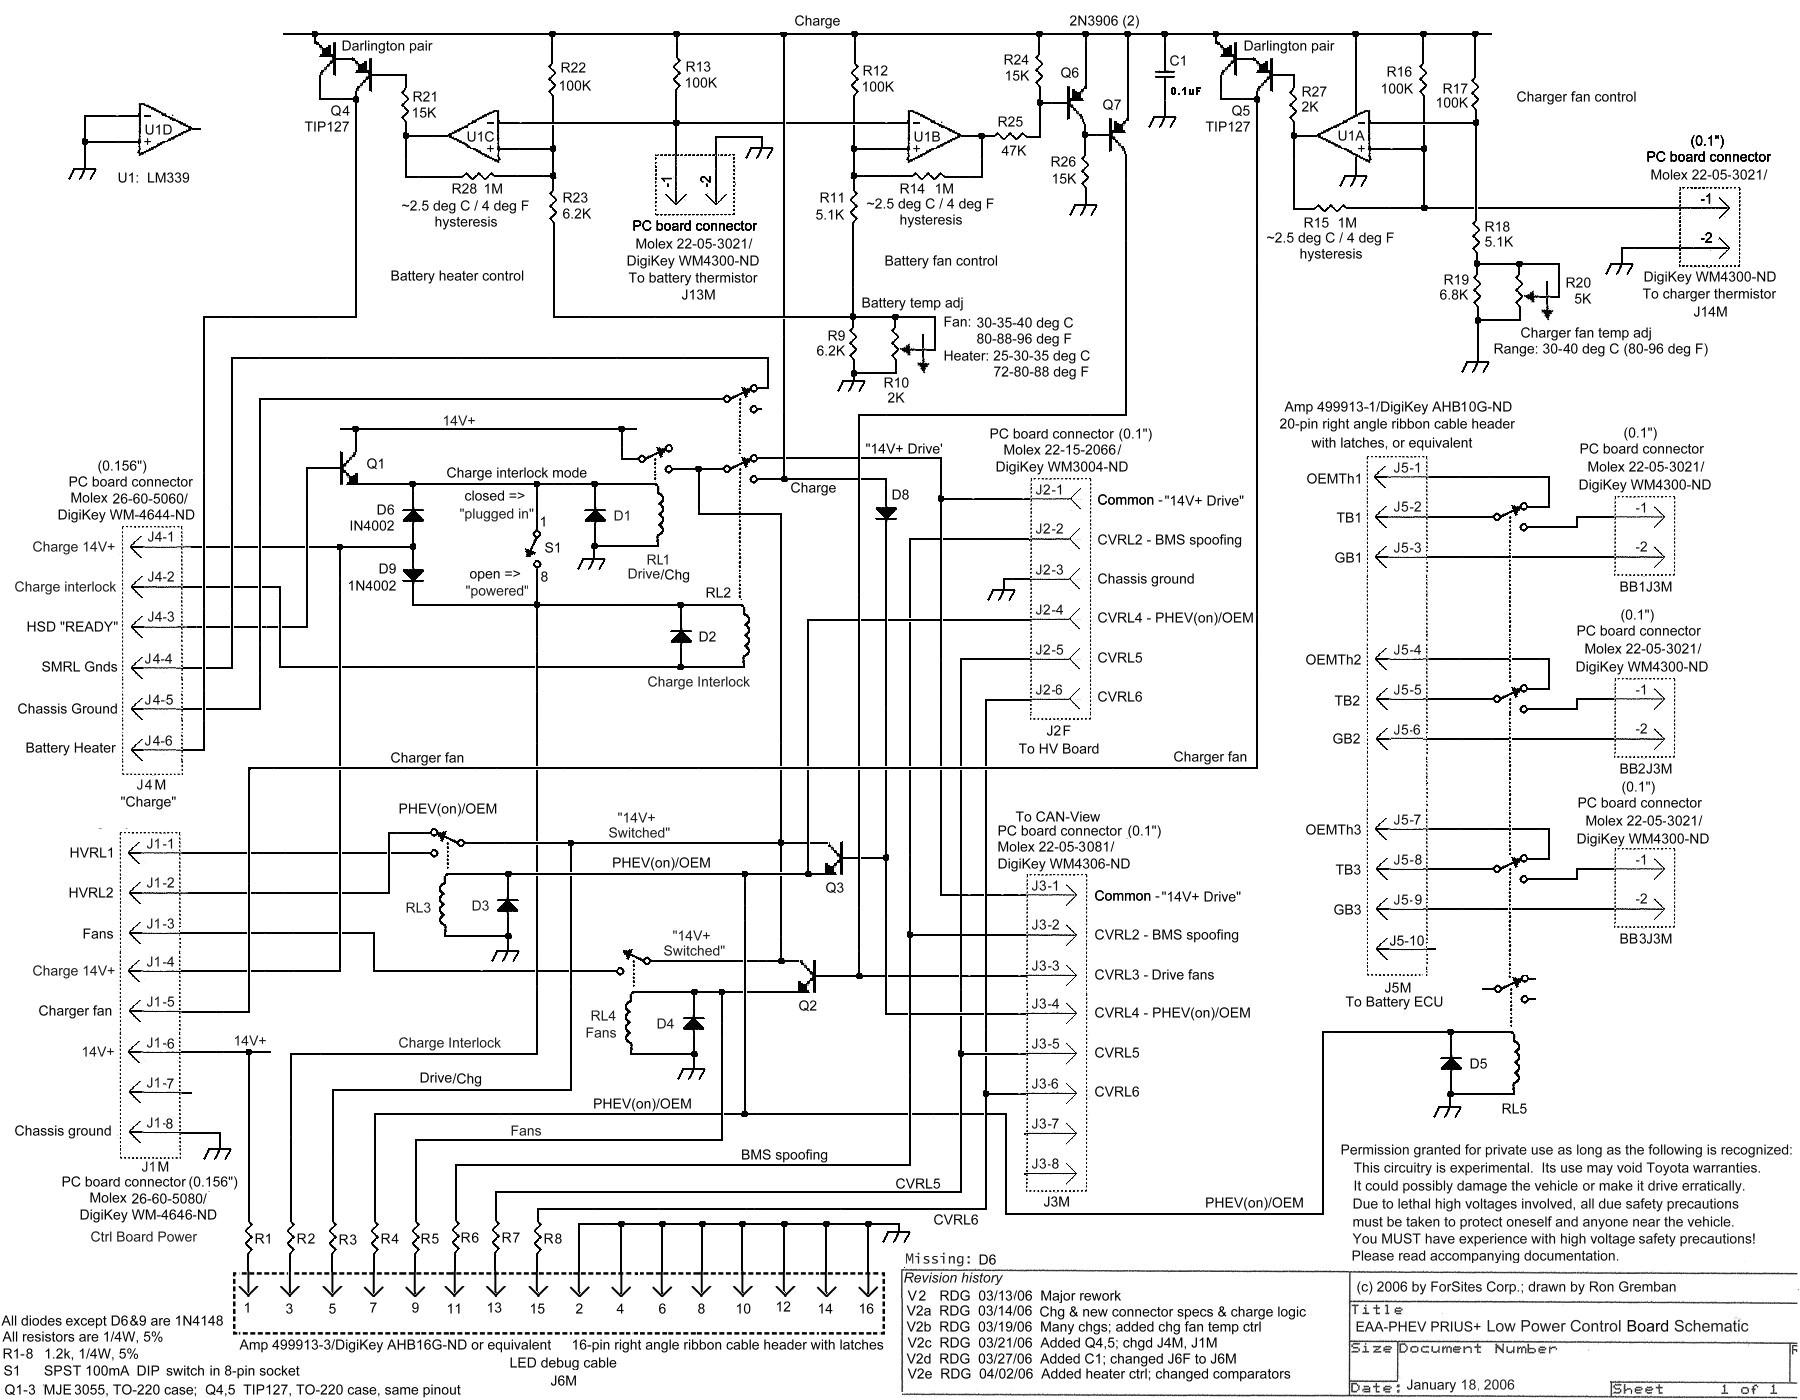 Toyota Prius Wiring Diagram Pdf Prius Wiring Diagrams Wiring Diagram